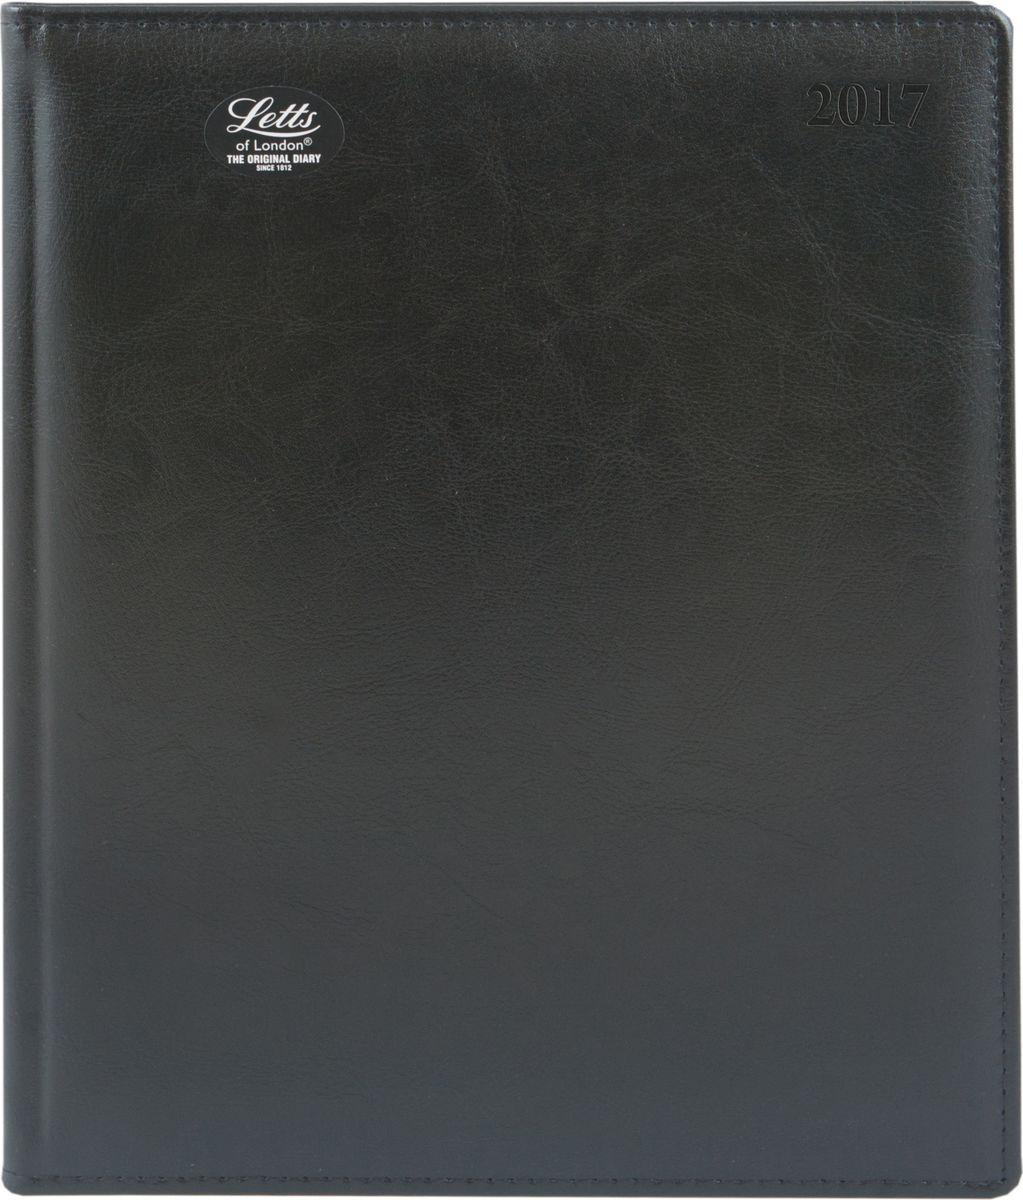 Letts Ежедневник Global Deluxe Ibiza 2017 датированный 64 листа цвет черный формат A41224172Утонченный ежедневник Letts Global Deluxe Ibiza 2017 - идеально подойдёт настоящим ценителям английской классики.Ежедневник выполнен в твердом переплете из нежнейшей натуральной кожи черного цвета. Позолоченный срез страниц, шелковая закладка-разделитель и перфорированные уголки подчеркнут респектабельный стиль владельца.Каждая страница ежедневника имеет почасовую и календарную нумерацию. На каждый час отведено по 2 строчки, а в верхней части страницы расположены пустые столбики для самых разнообразных заметок. На первых и последних страницах ежедневника представлен информационный блок. Он включает национальные праздники, календарь с 2016 по 2021 год, график отпусков, международные торговые выставки, часовые пояса, международные коды. Также в блок информации входят меры длины веса и других величин, размеры одежды, телефонная книга и цветная карта мира.Ежедневники Letts Global Deluxe Ibiza 2017 - это солидность, стиль, респектабельность и оригинальность.